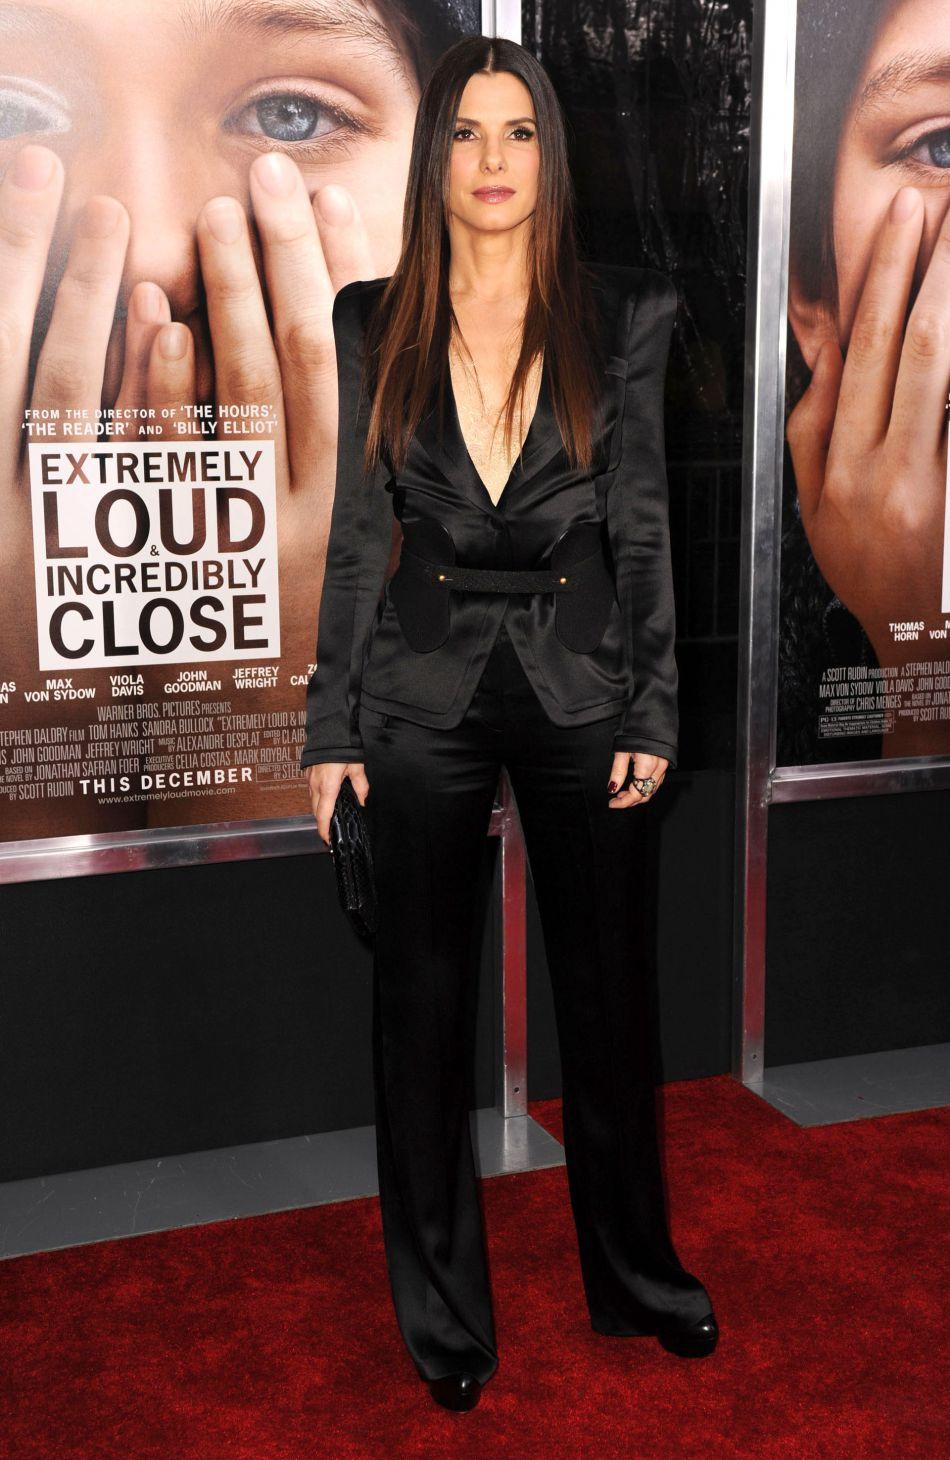 Décembre 2011 : elle abandonne les robes pour un tailleur sexy noir signé Alexander McQueen.